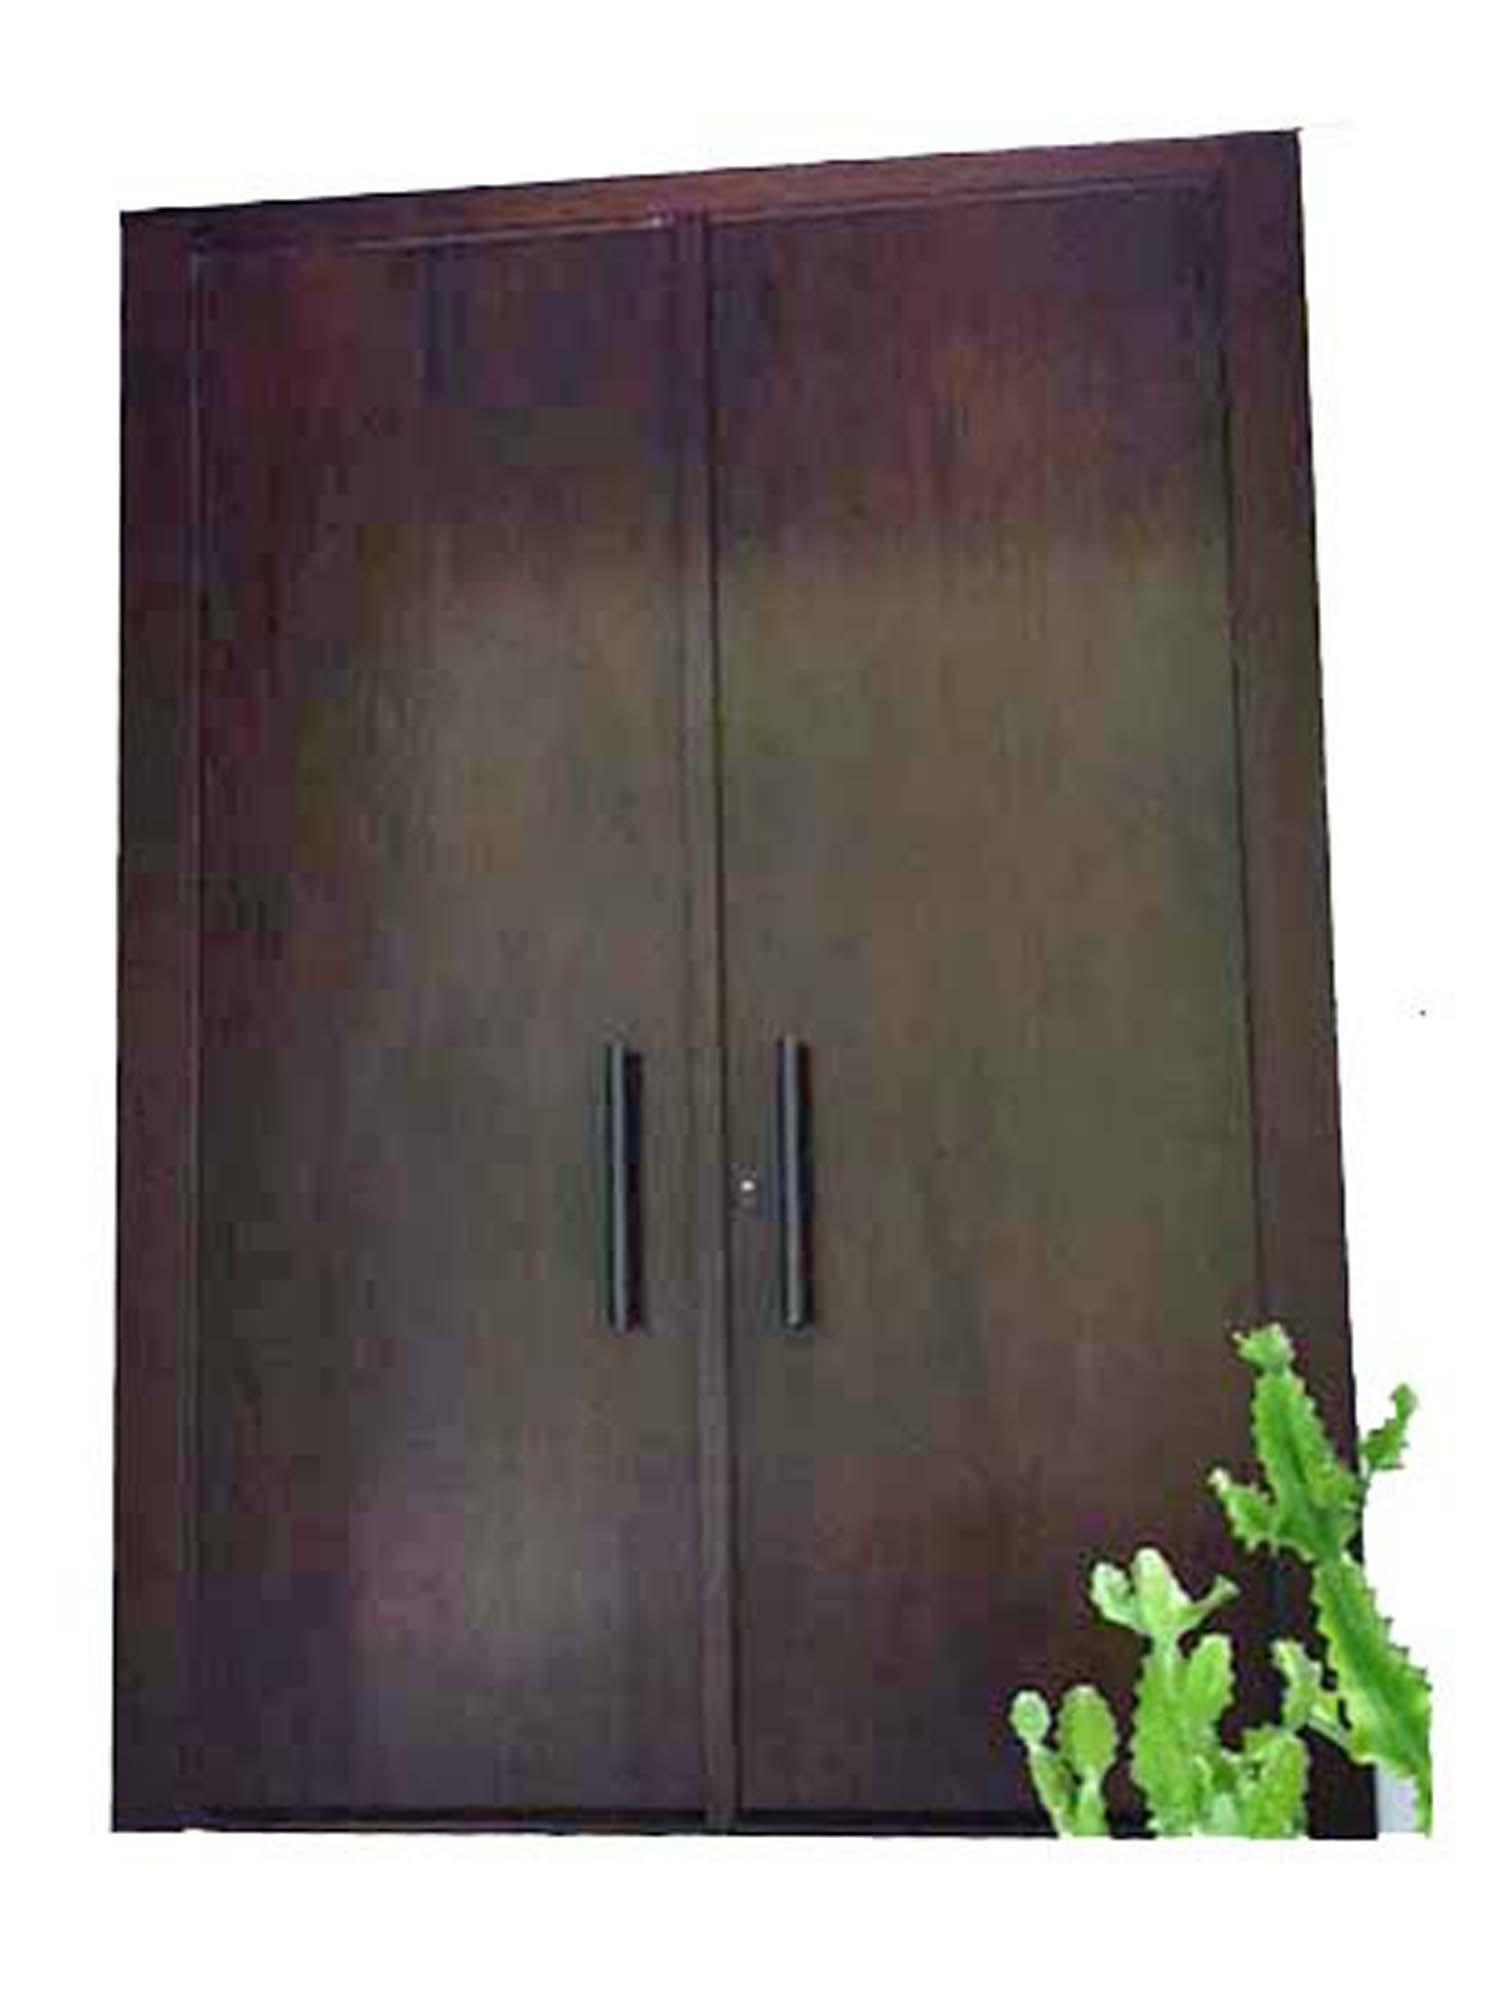 DI LIDO MAHOGANY FRONT DOORS